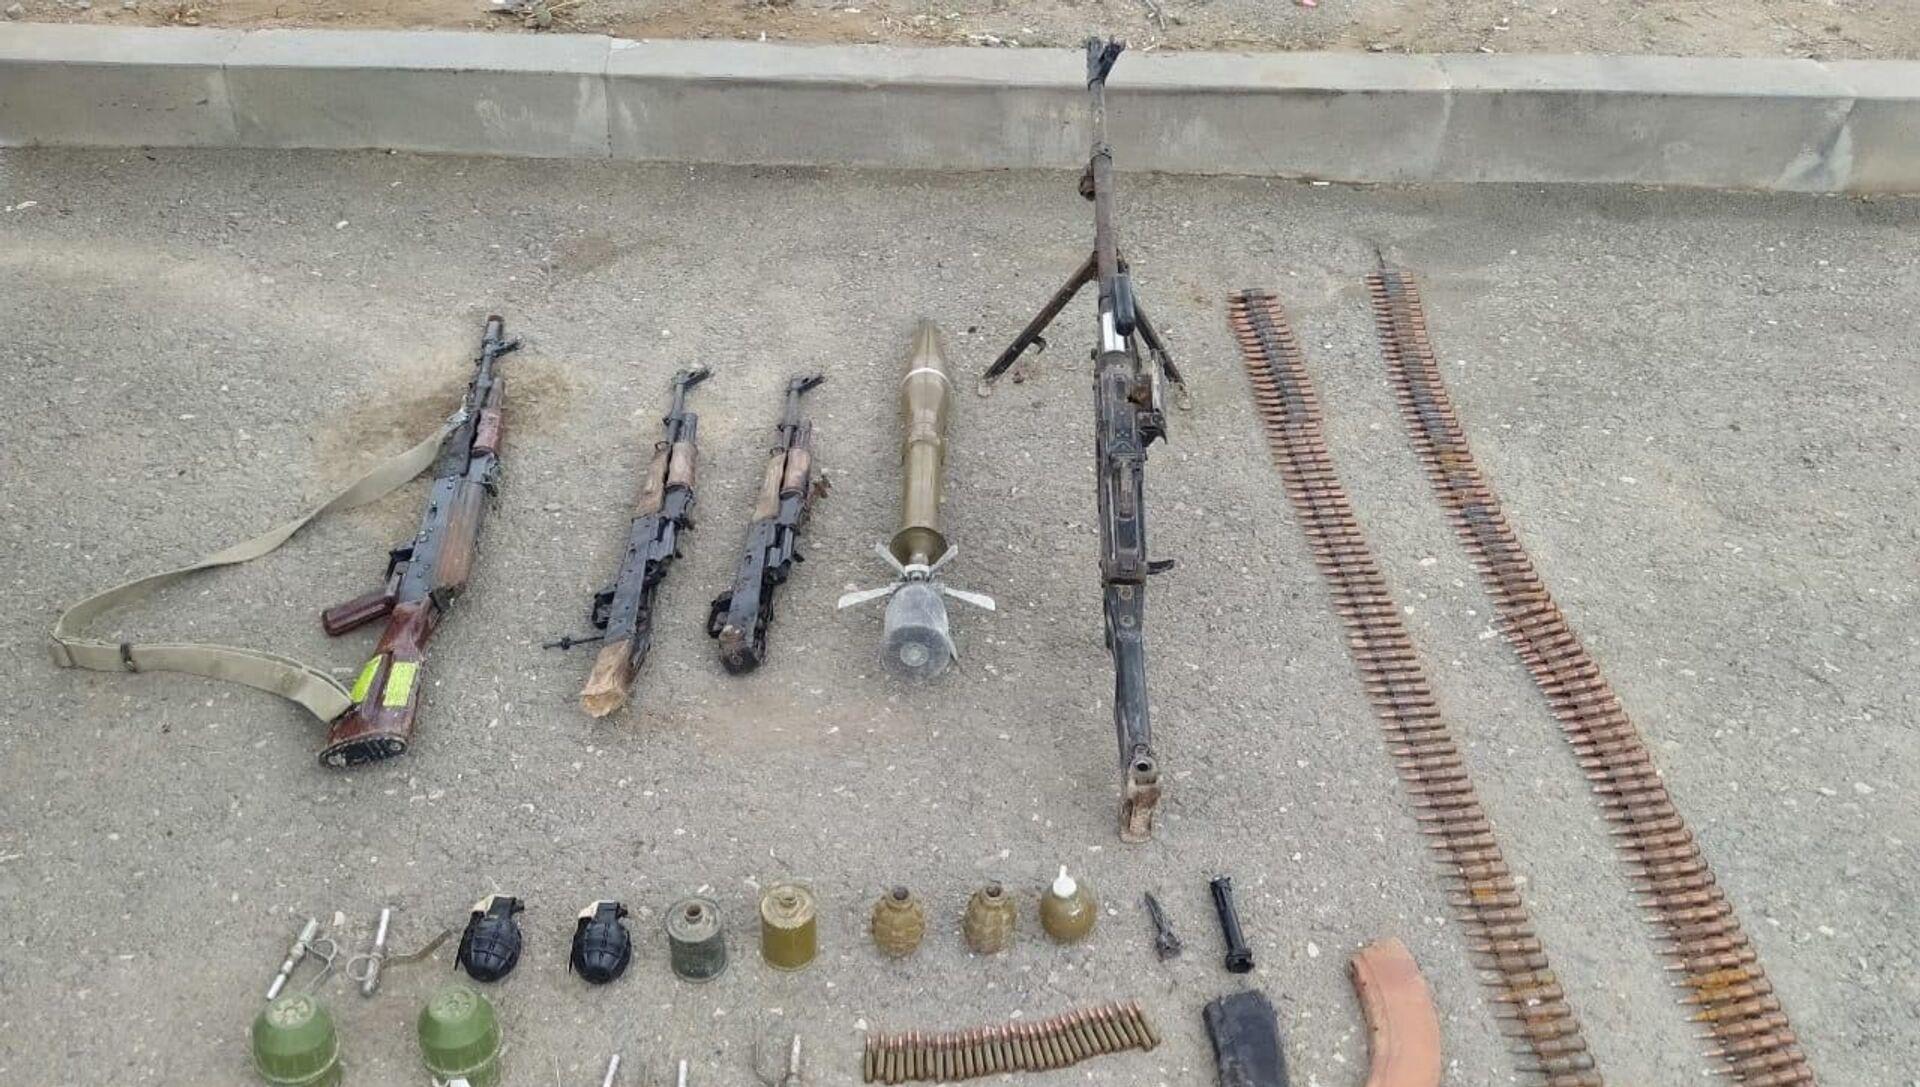 Пулемет и автоматы, брошенные ВС Армении - Sputnik Азербайджан, 1920, 29.07.2021